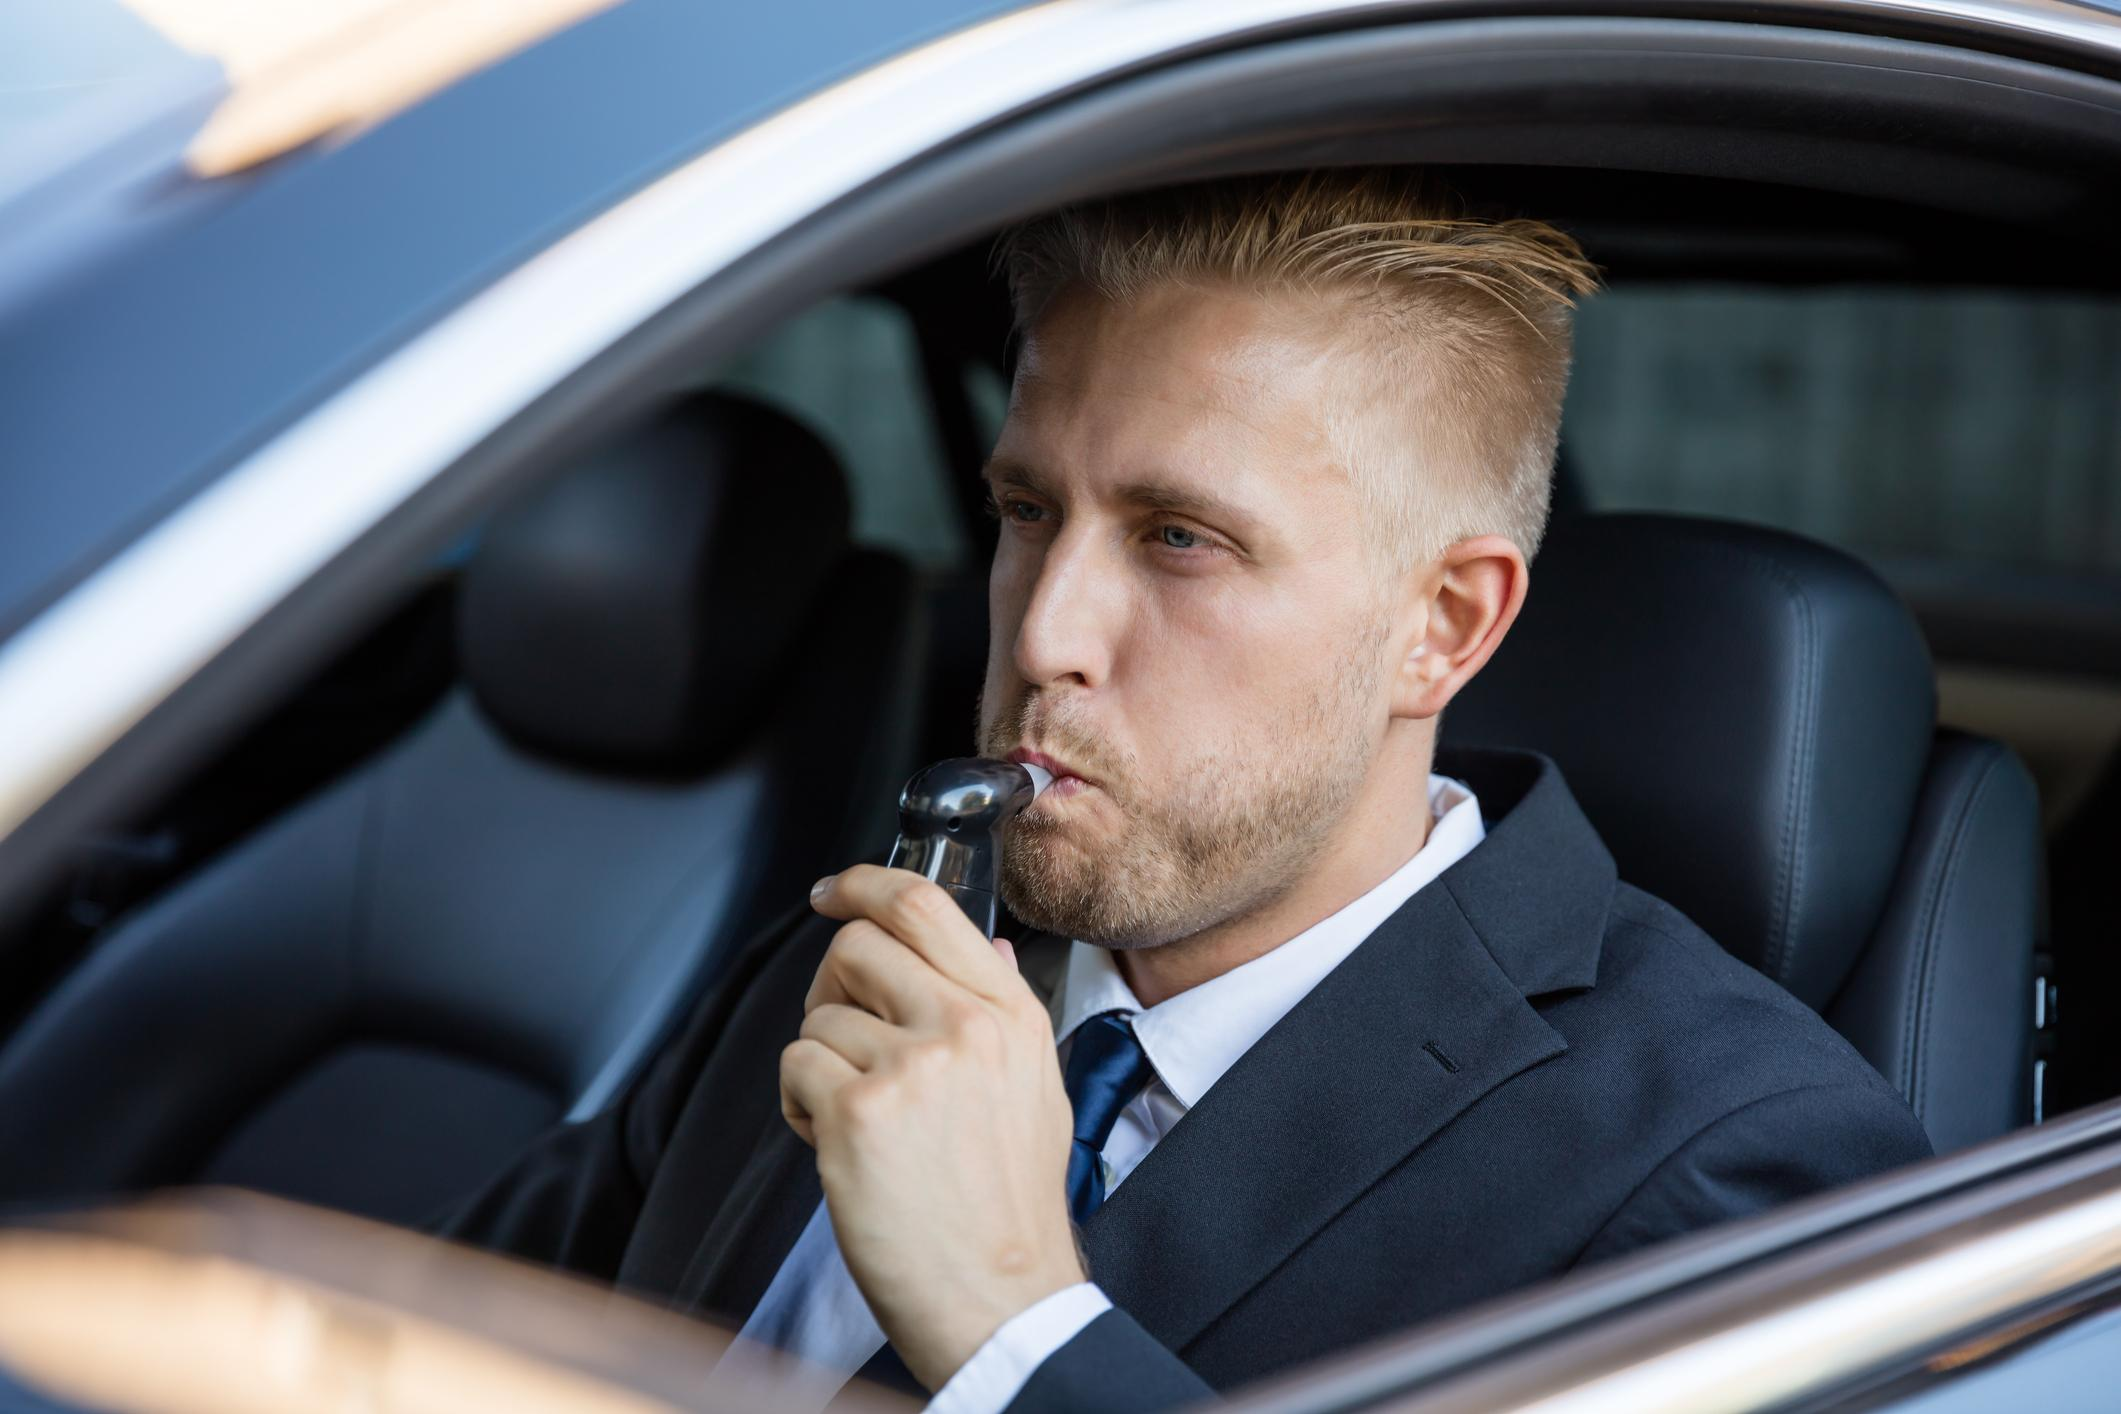 Man Taking Alcohol Test